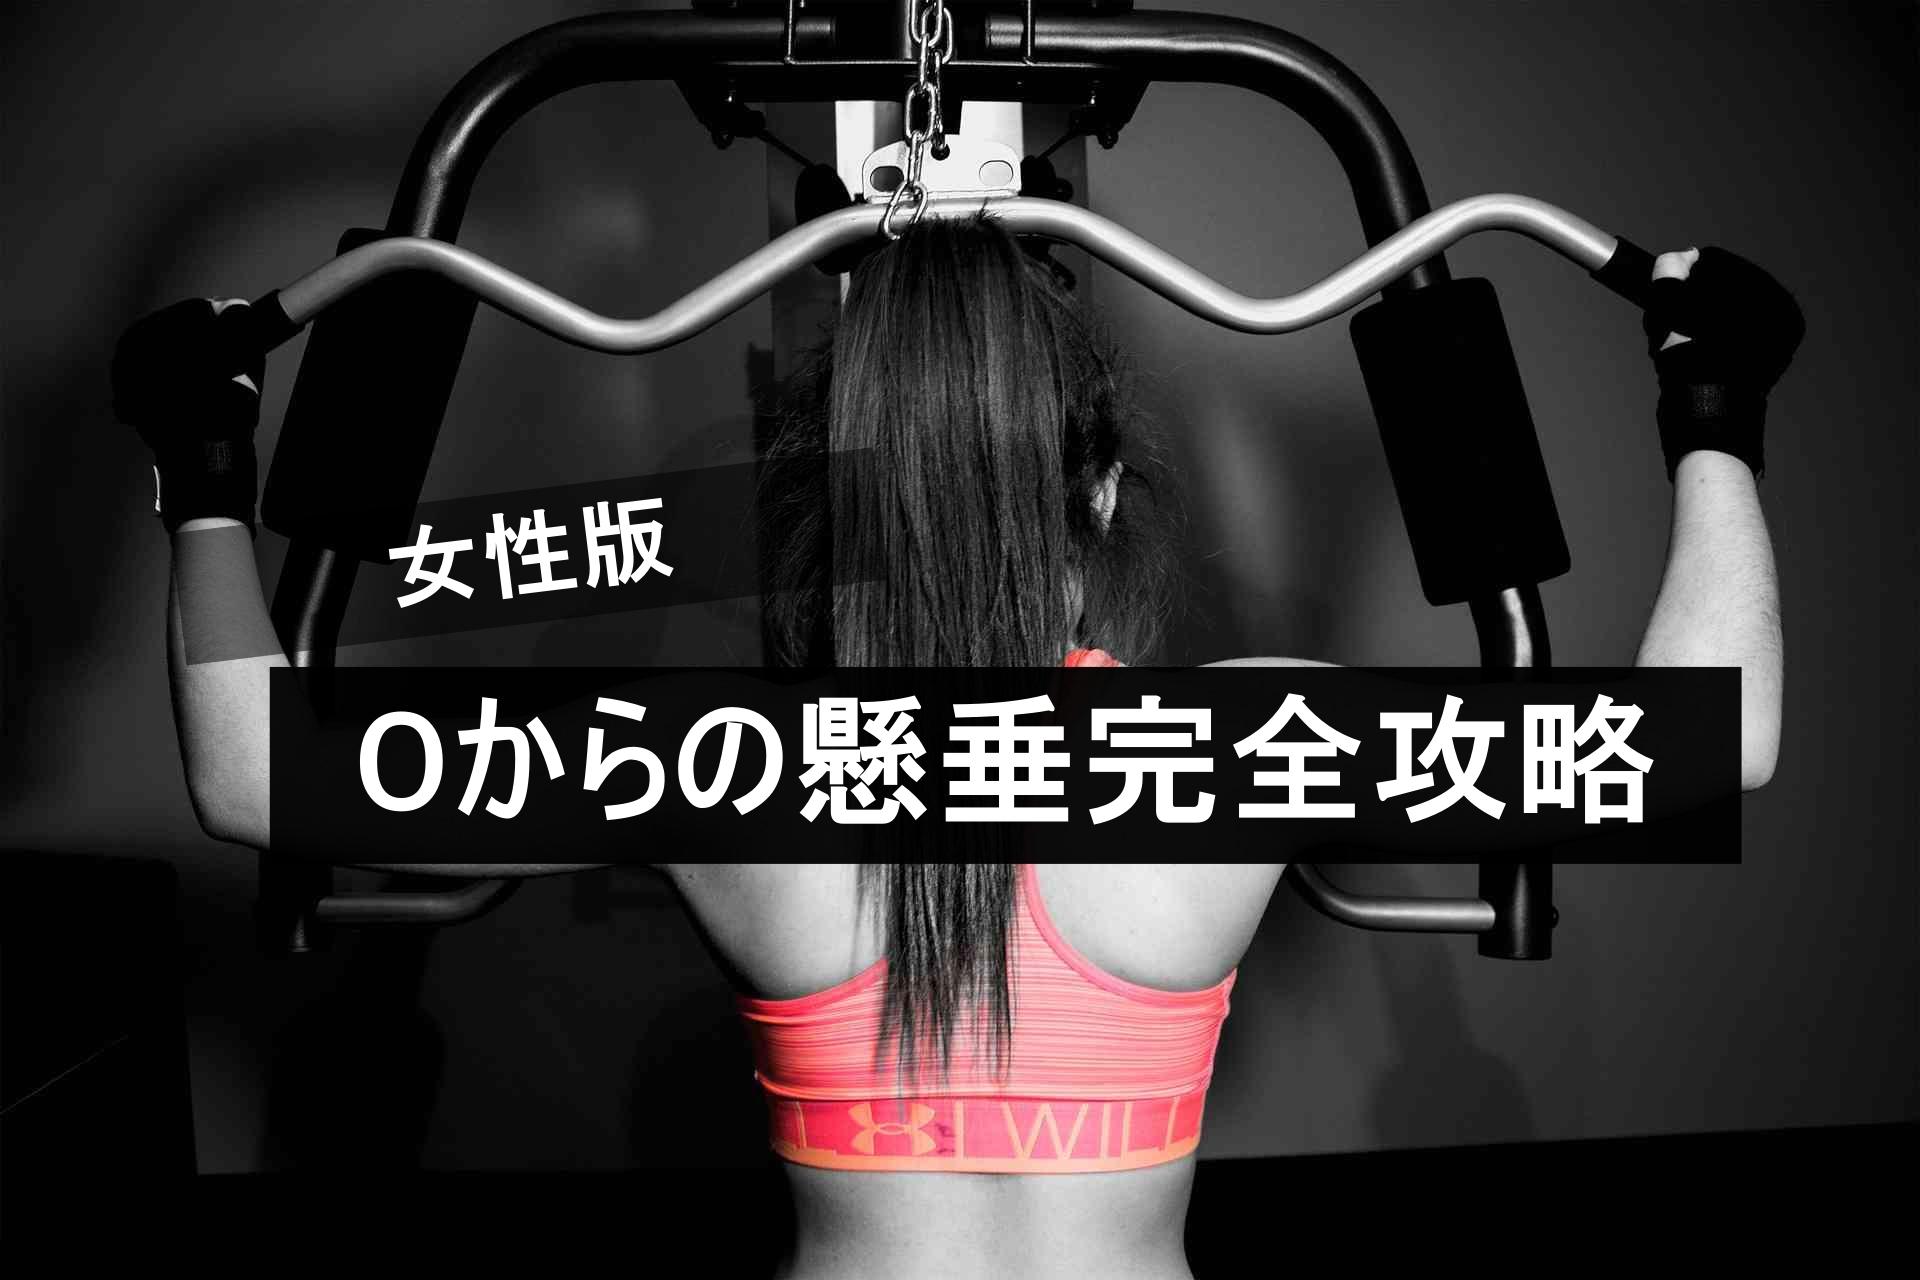 【女性必見】懸垂が出来ない人のための懸垂完全攻略のすすめ